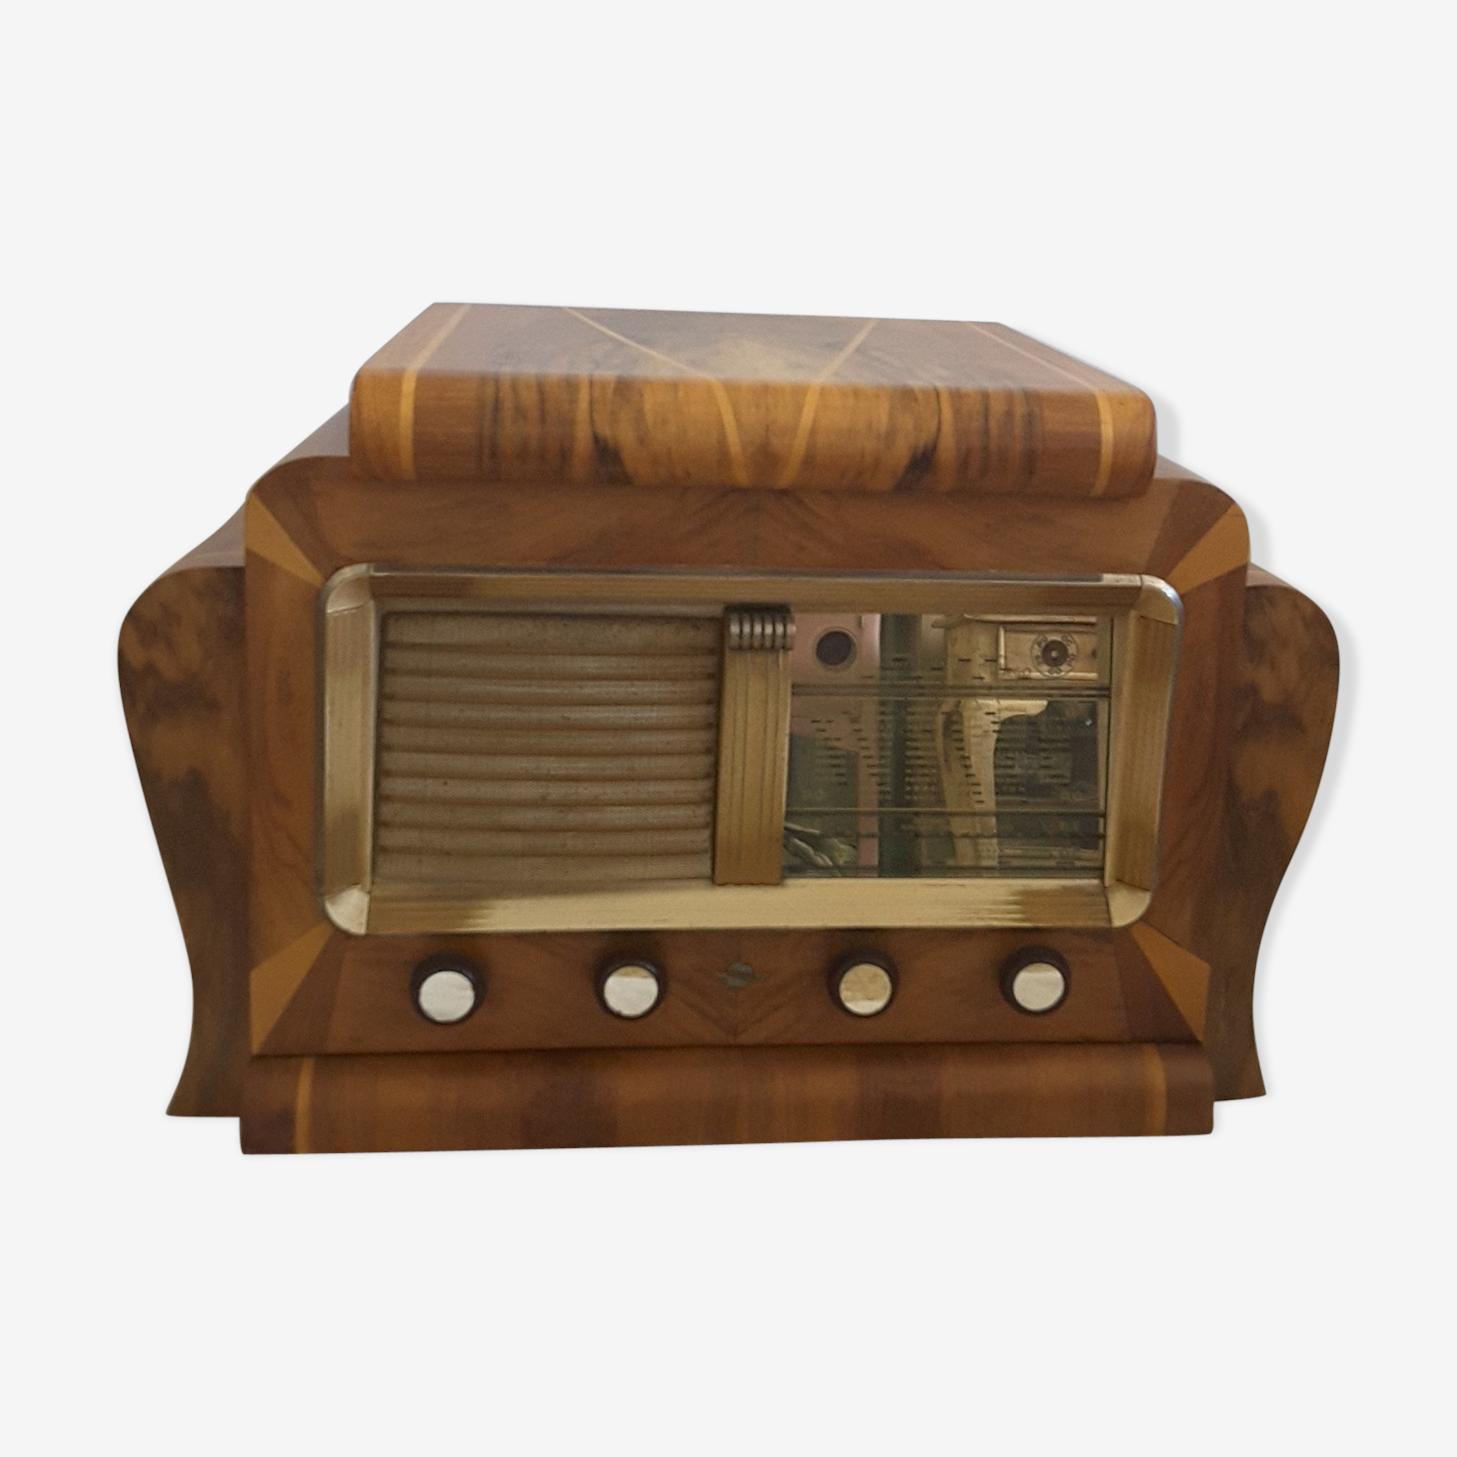 Poste radio avec platine vinyle